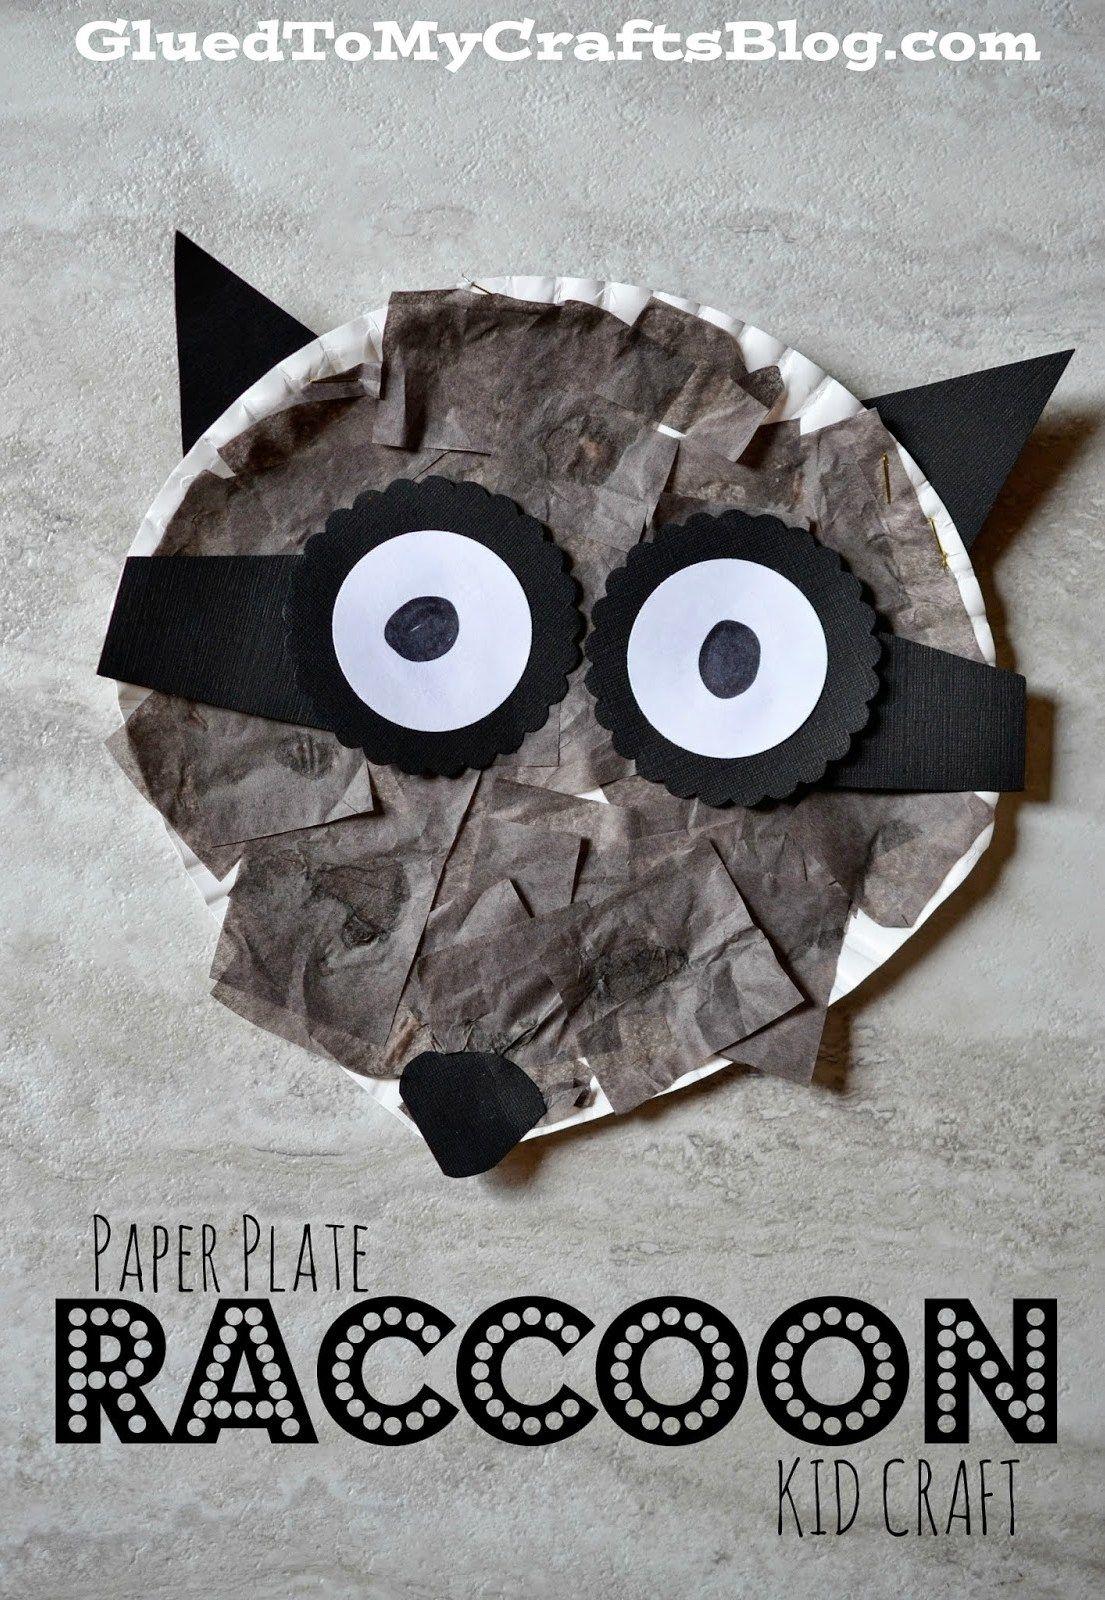 Paper Plate Raccoon Kid Craft